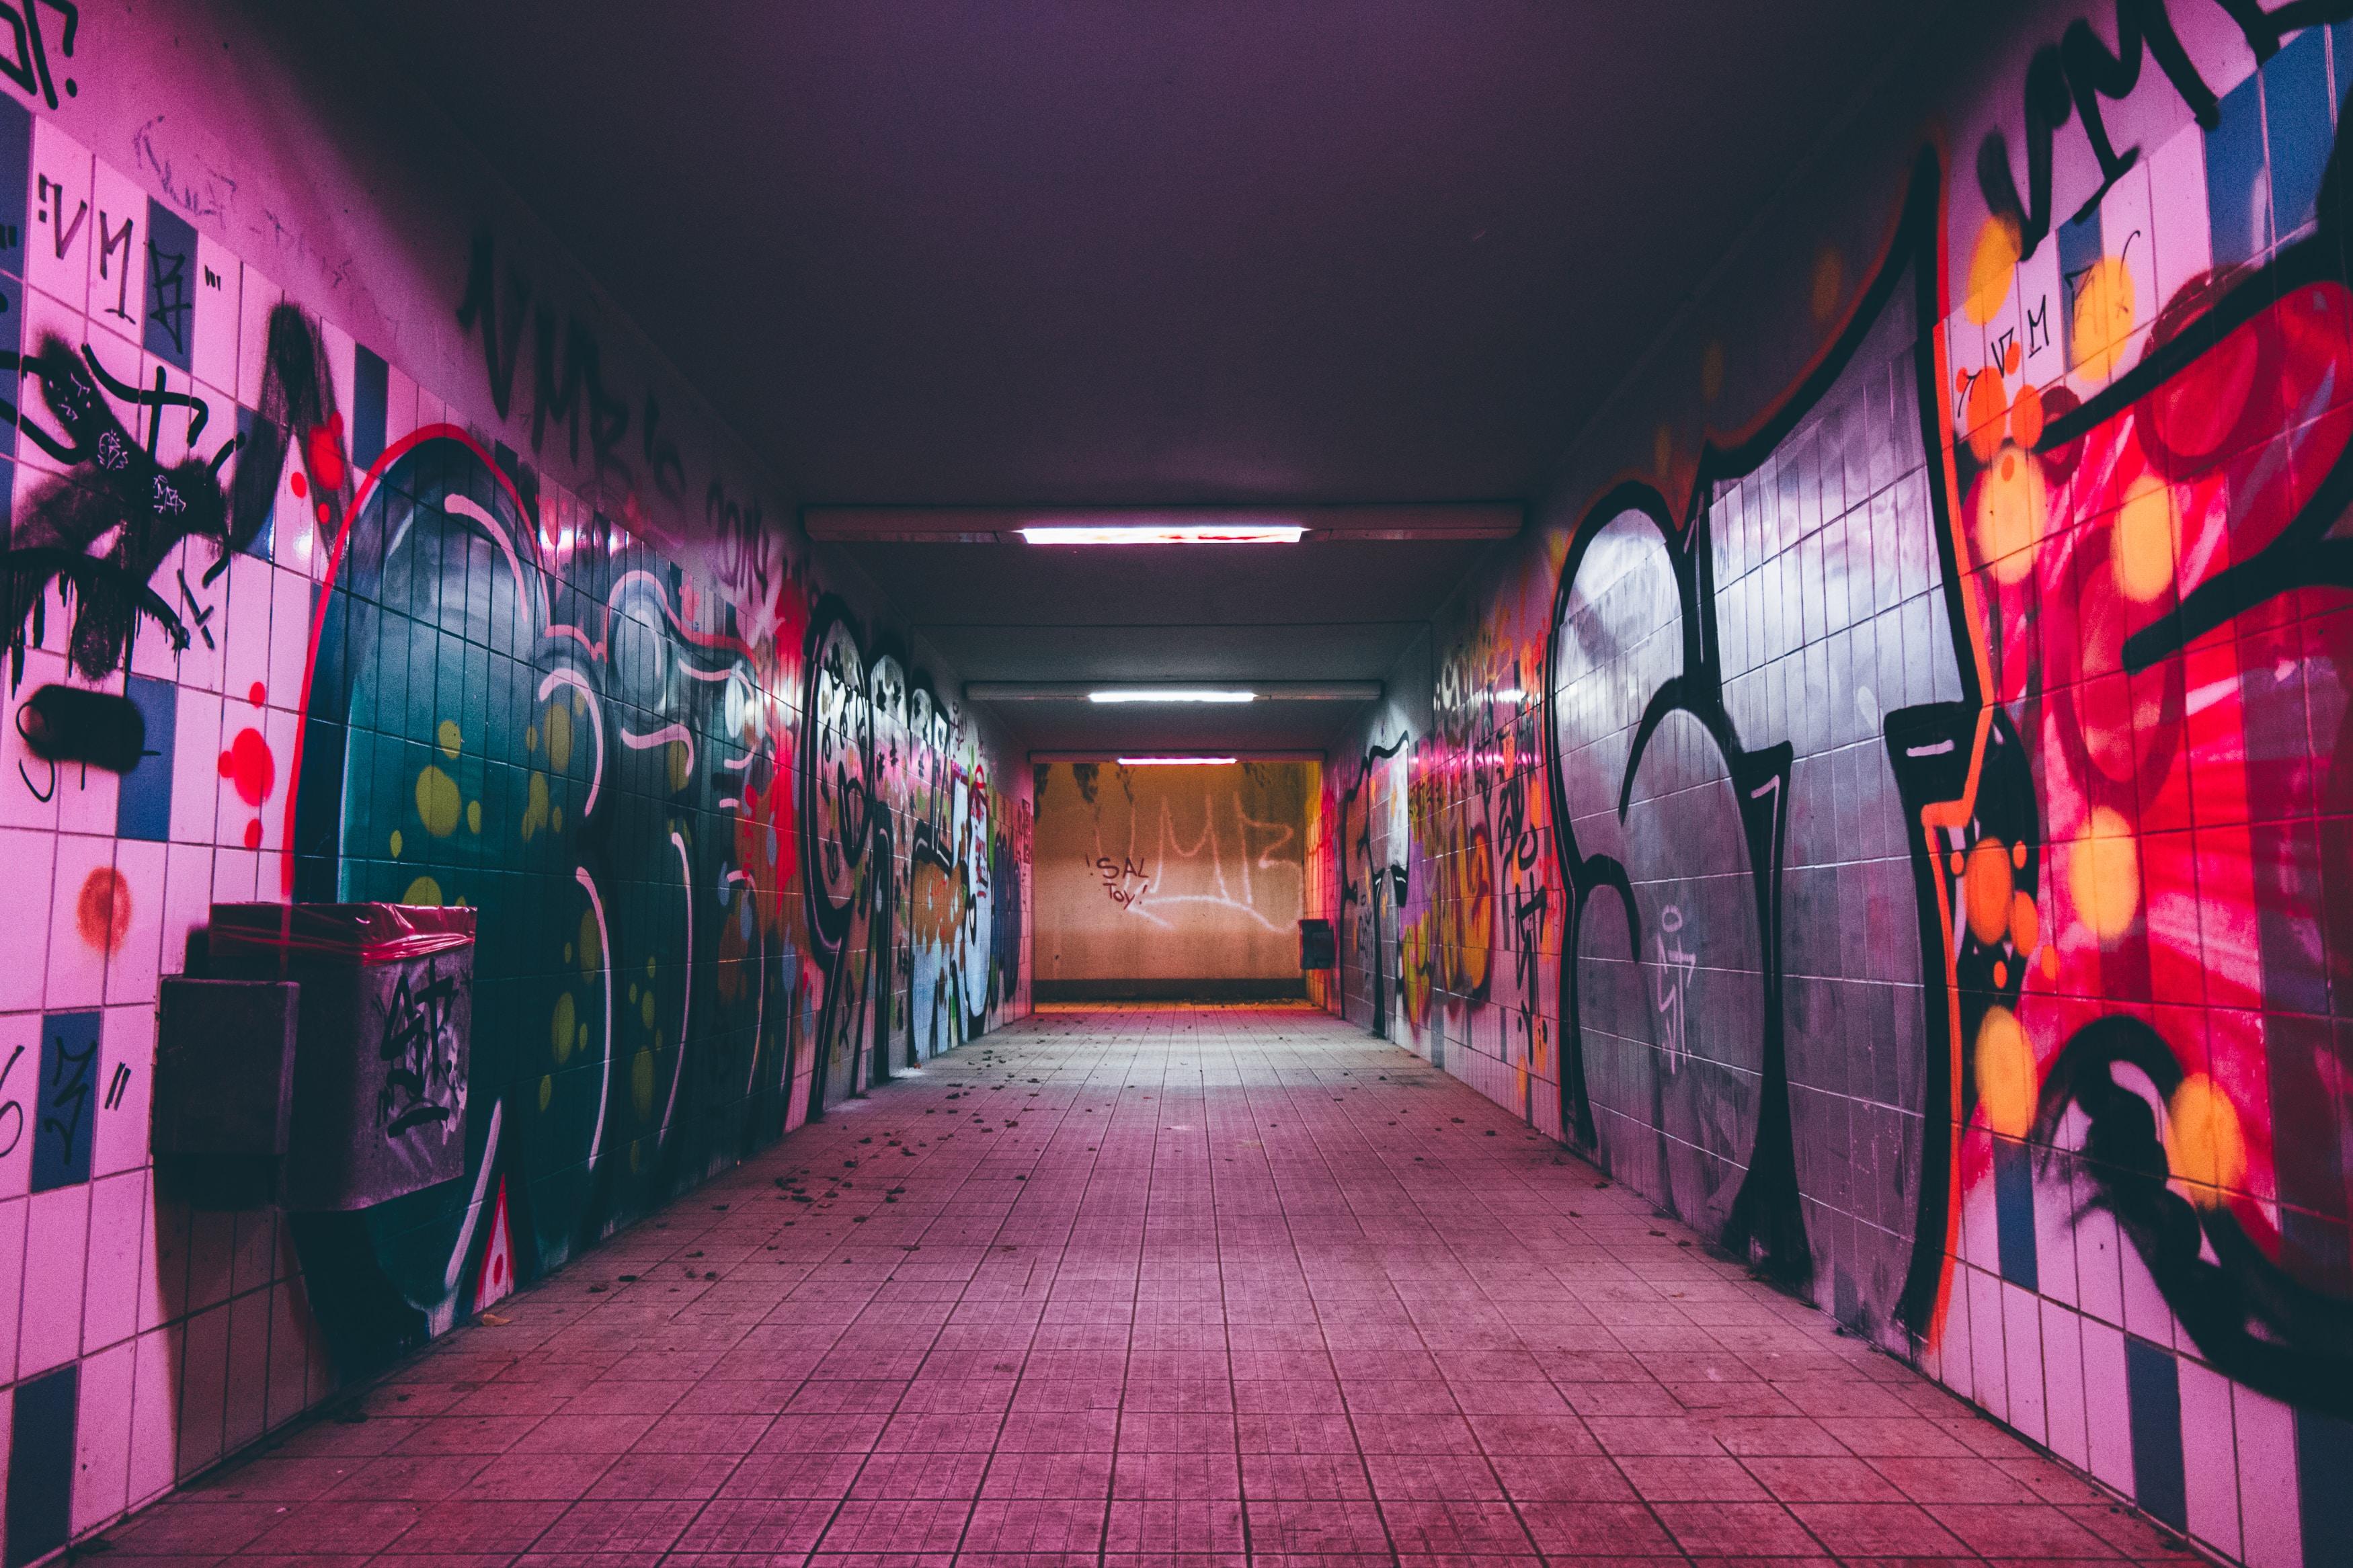 Subway with graffiti covered walls